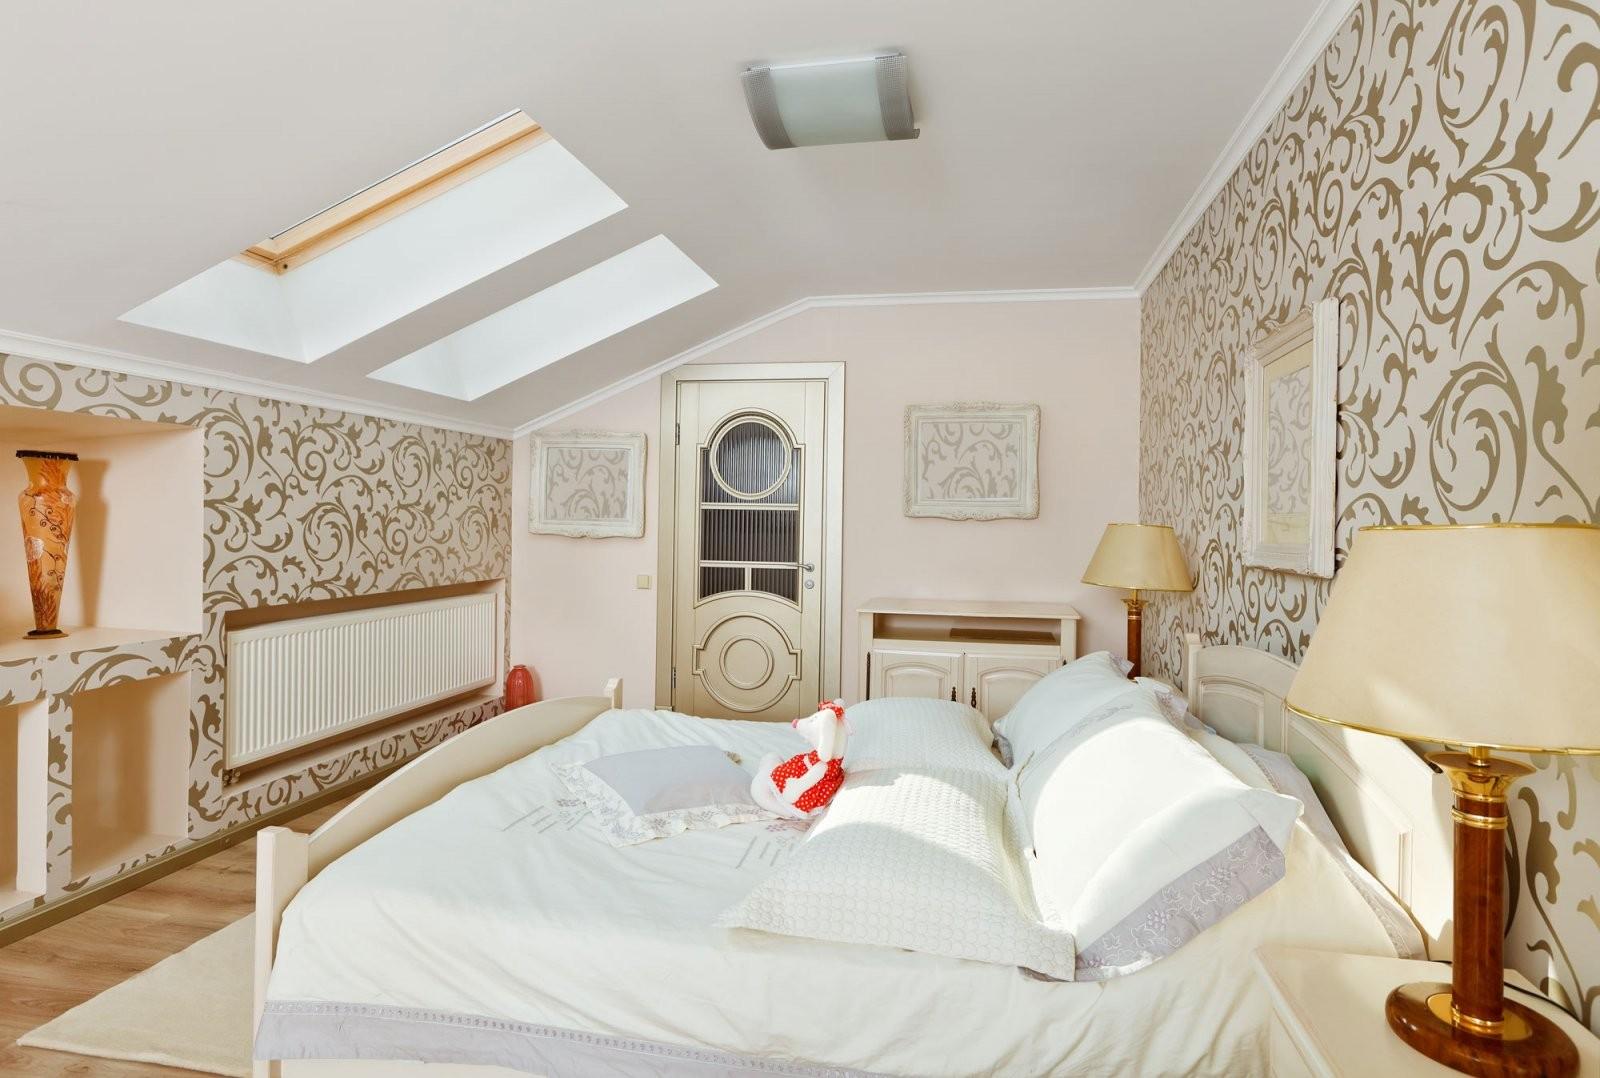 Dachschrägen Tapezieren  Tapetenauswahl Ideen  Vorgehensweise von Fototapete Für Schräge Wände Bild